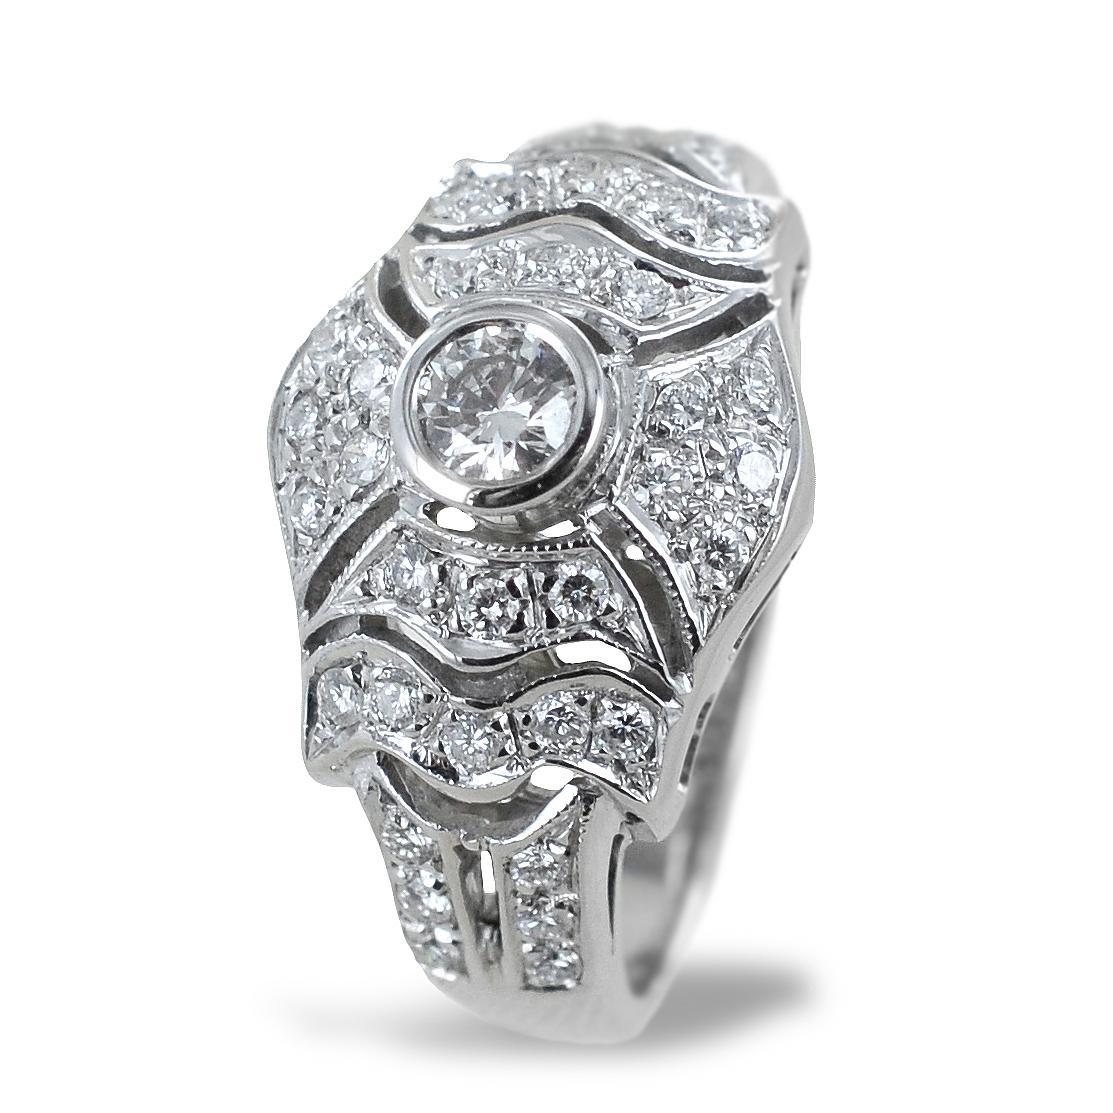 Anello Liberty in oro e diamanti - anello fantasia diamanti a pave